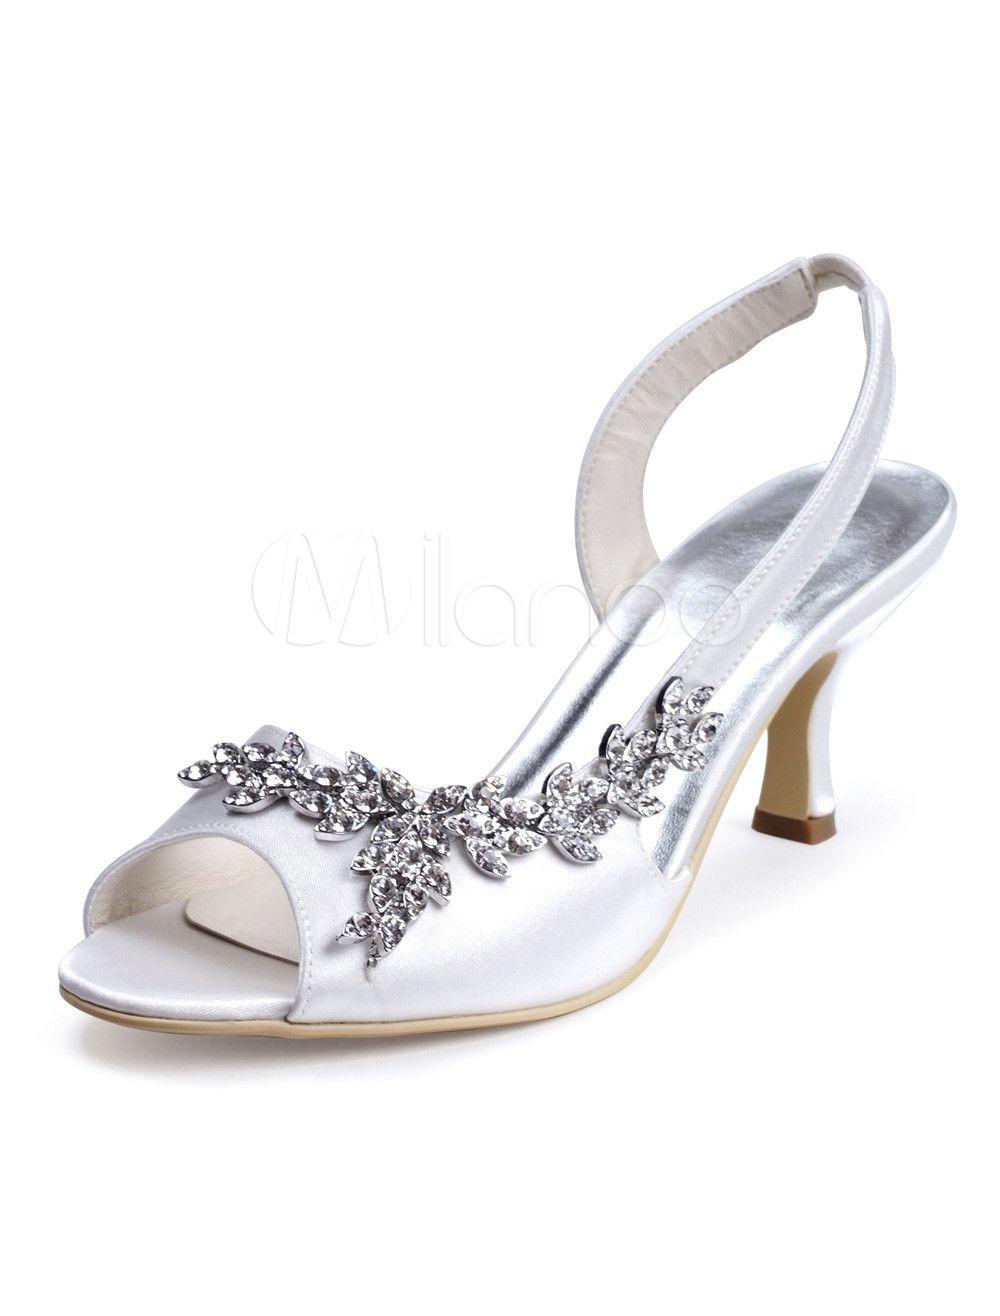 Zapatos de fiesta de seda y satén con pedrería 3gKdmOT